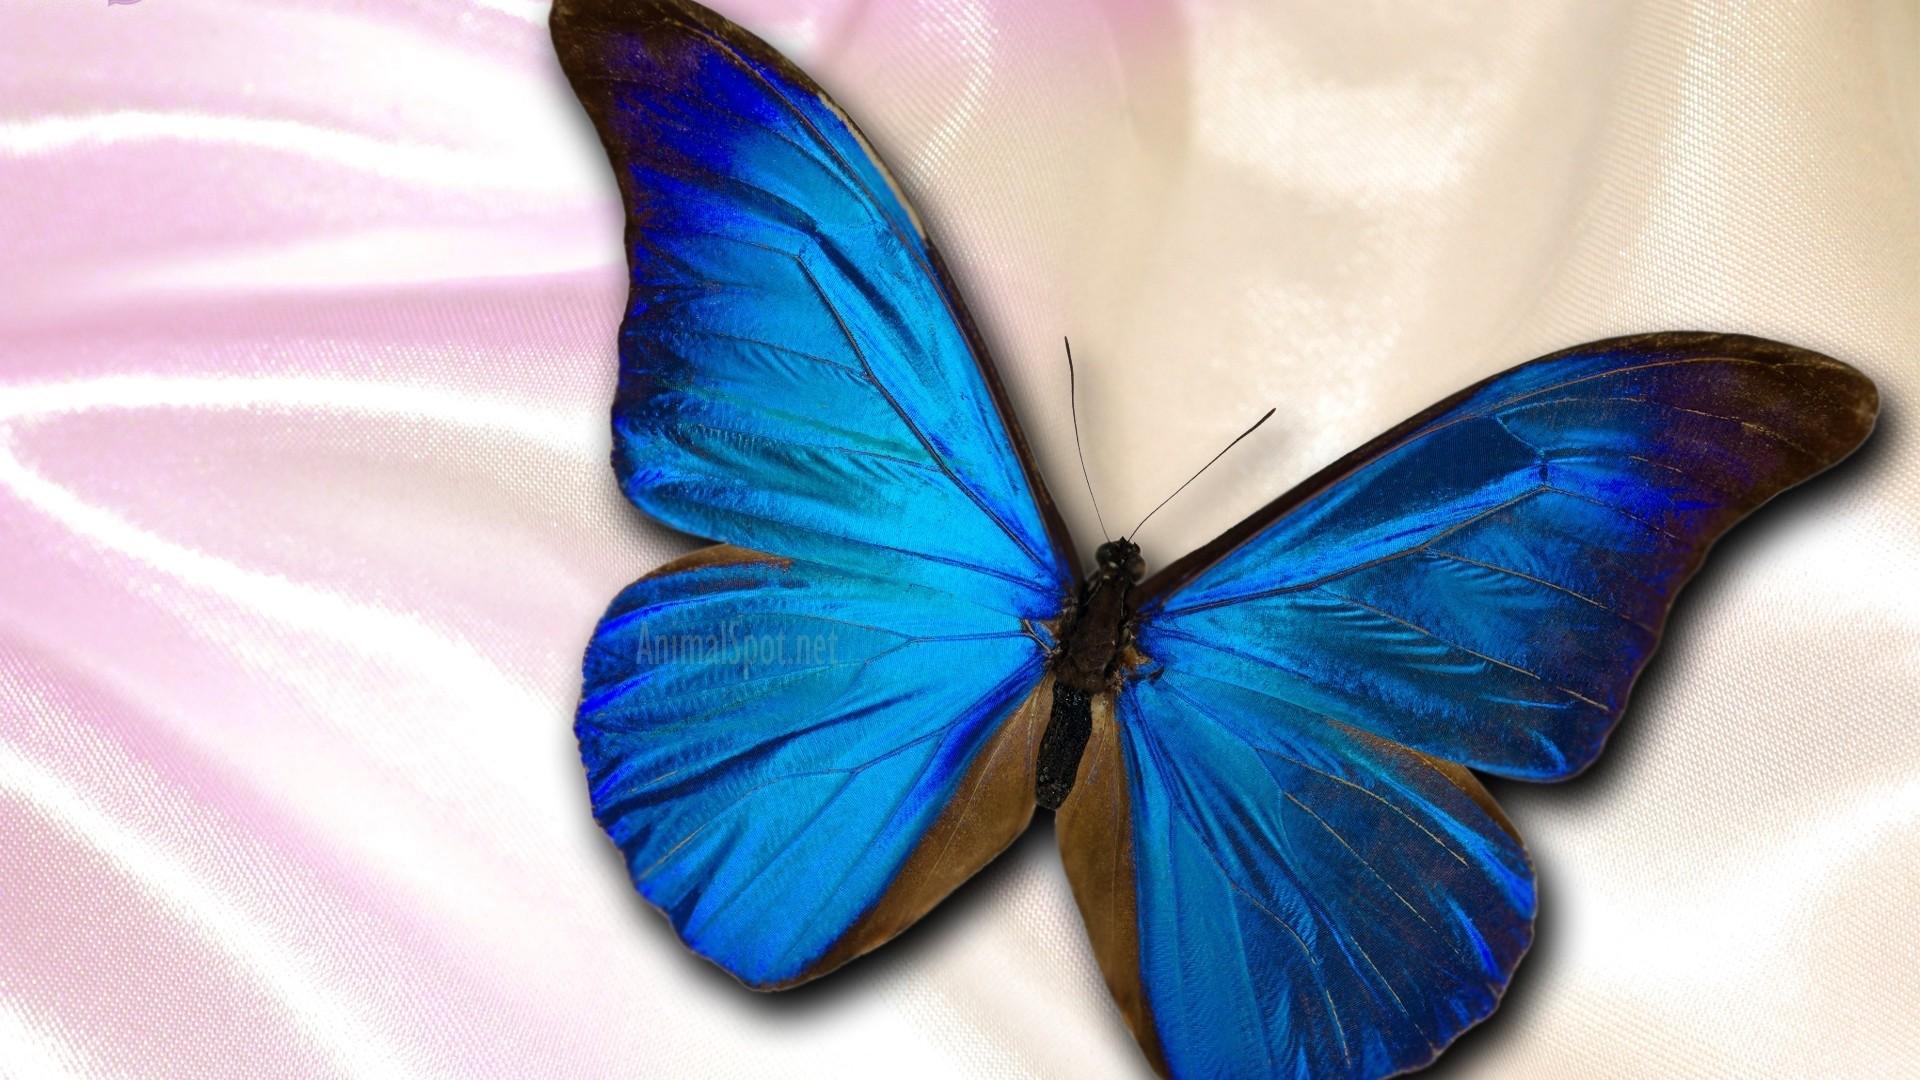 Blue Butterfly wallpaper photo full hd